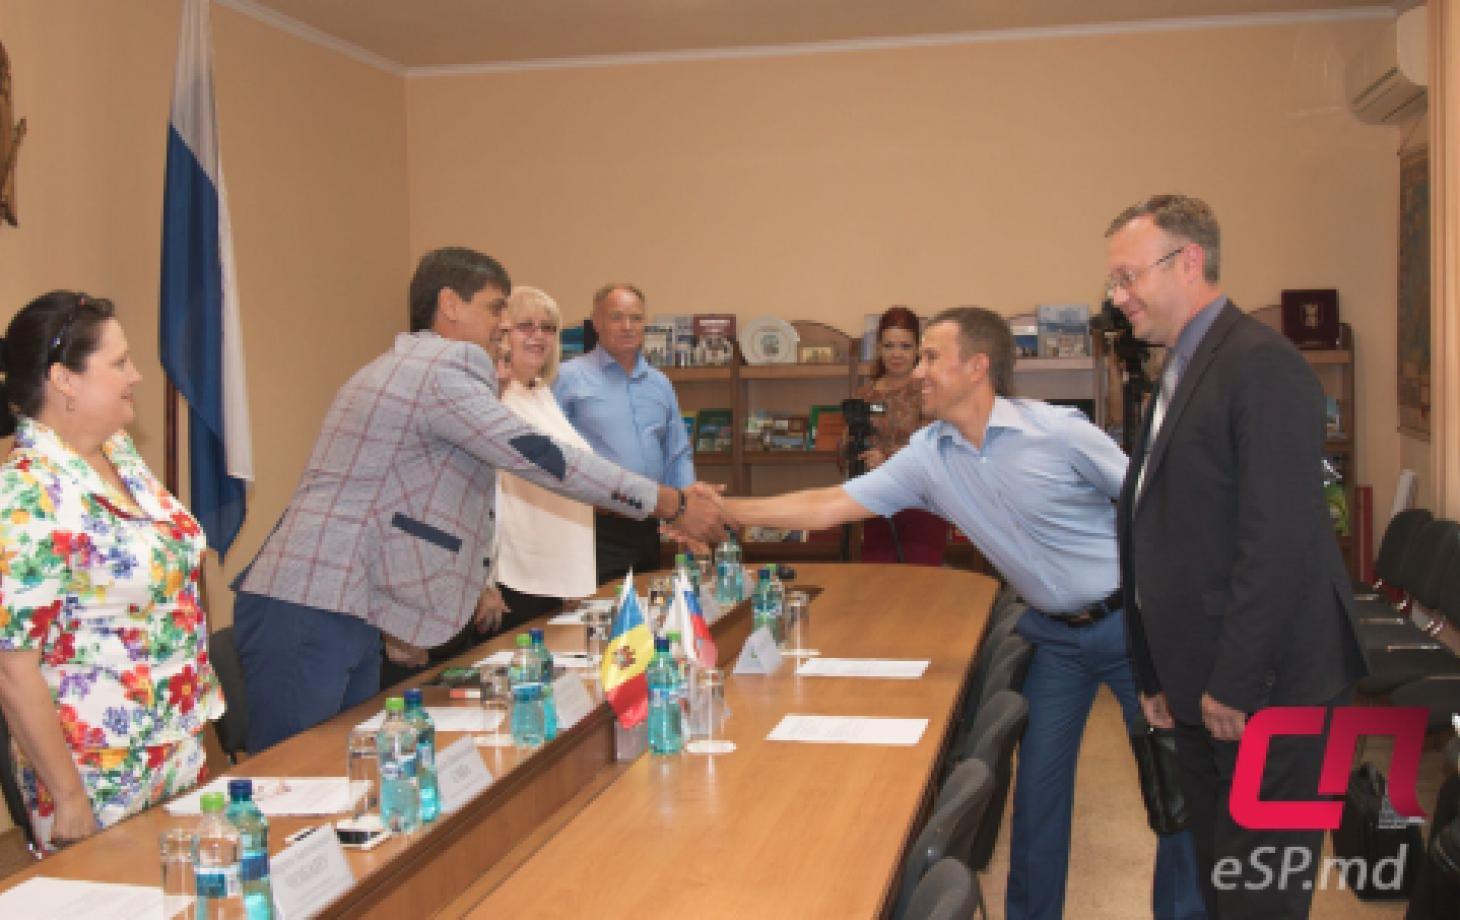 делегация из Нижнего Новгорода в Бельцах